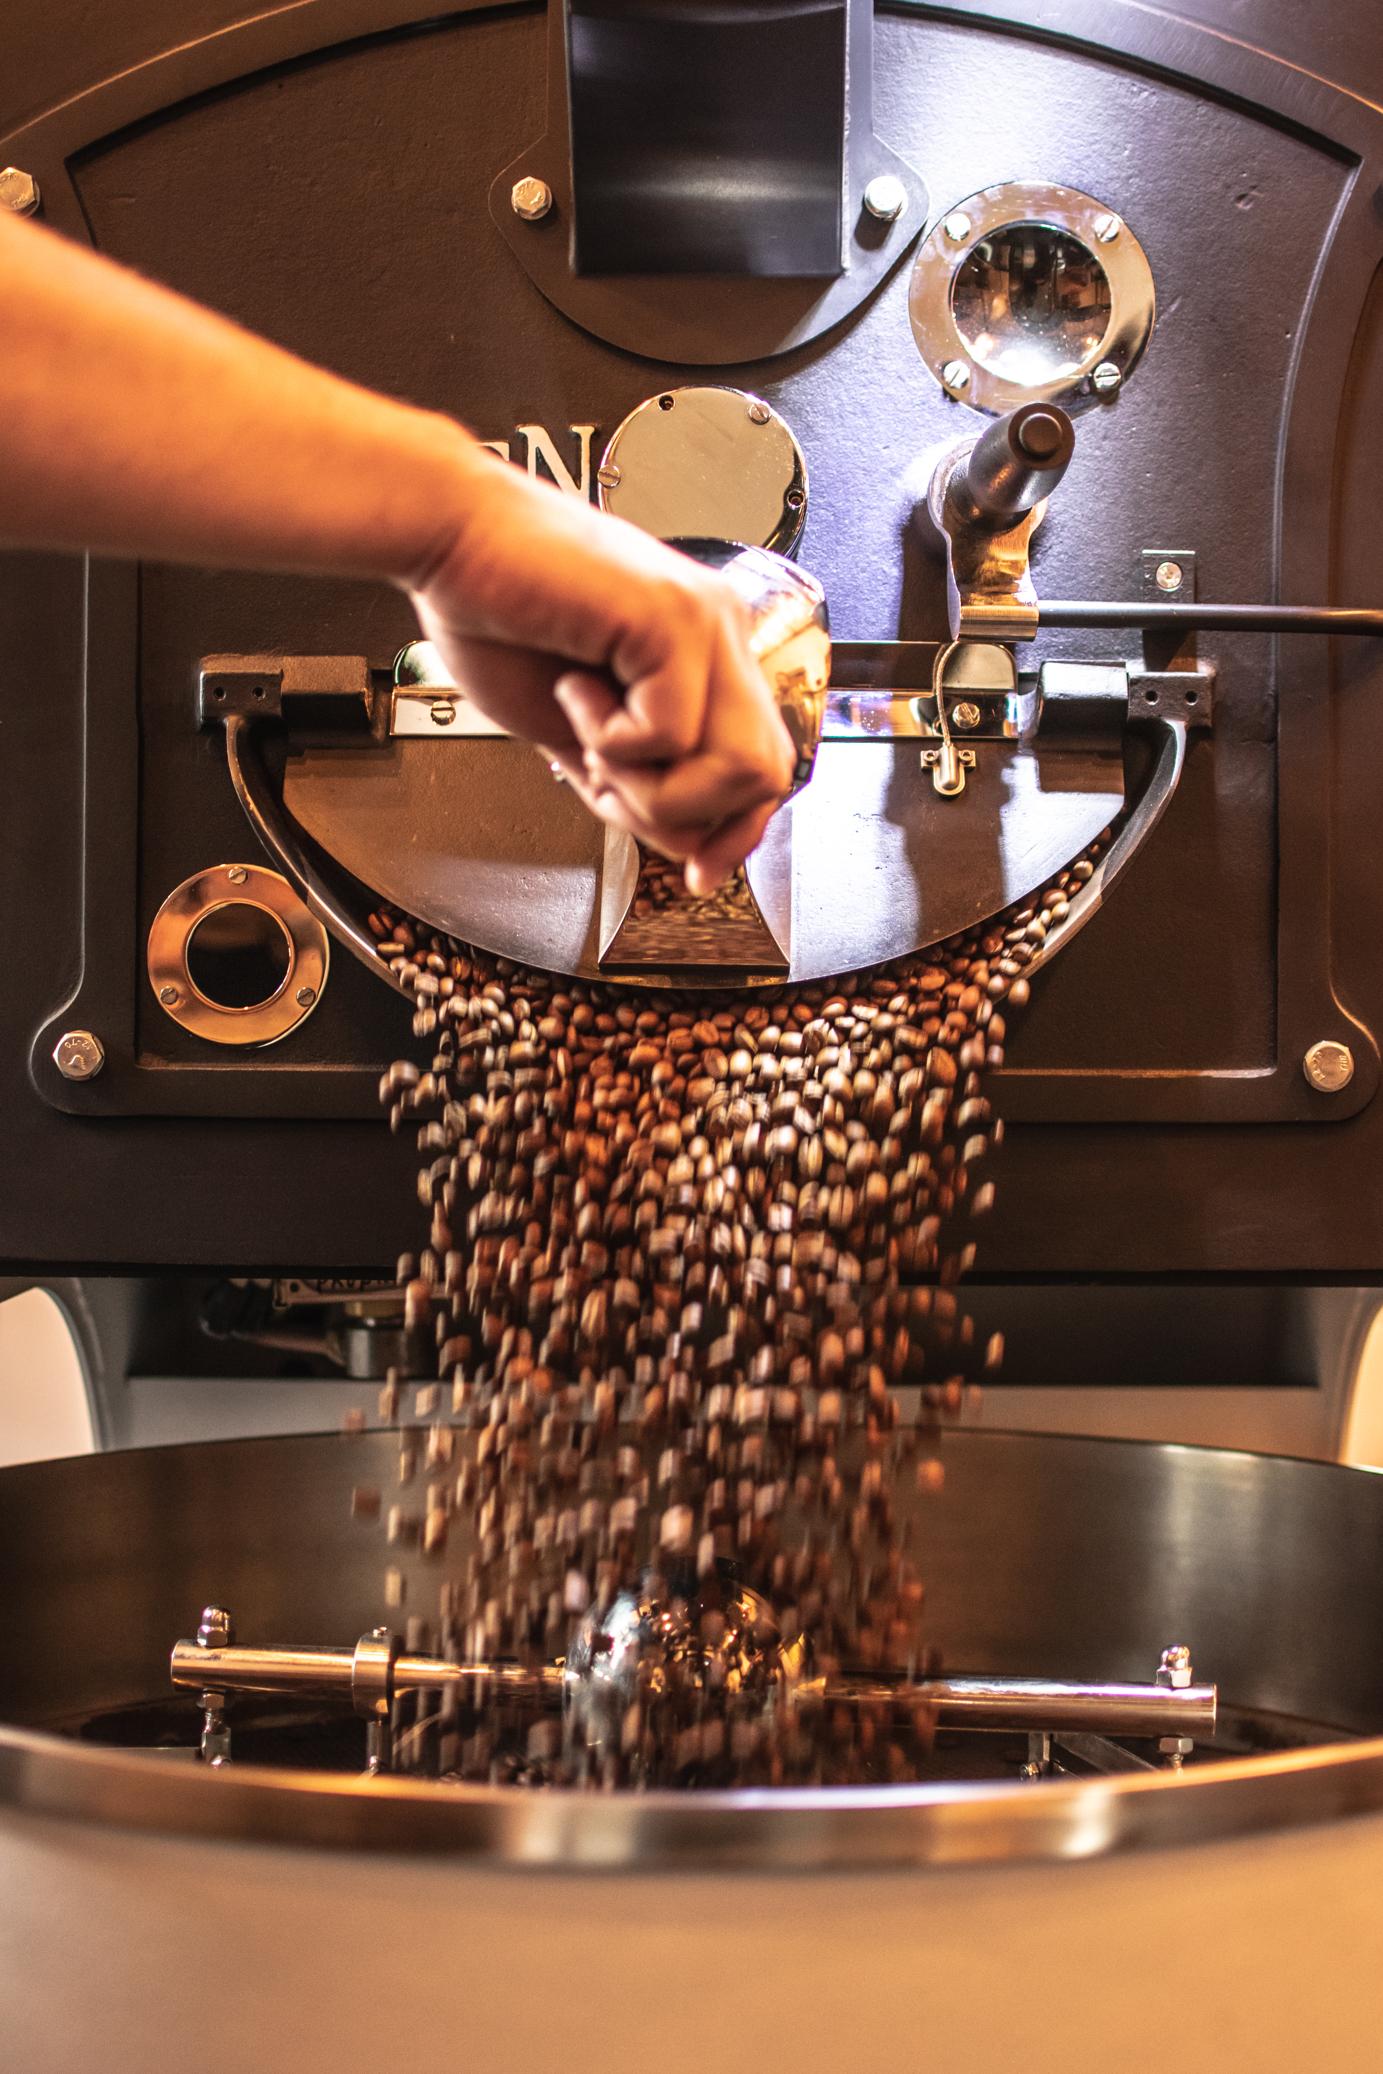 Colaboradores - La campaña sólo ofrece lo mejor del mundo del café y de la gastronomía. En el futuro esperamos contar con más proyectos y más especialistas que se quieran unir. Para esta edición contamos con los siguiente equipos.